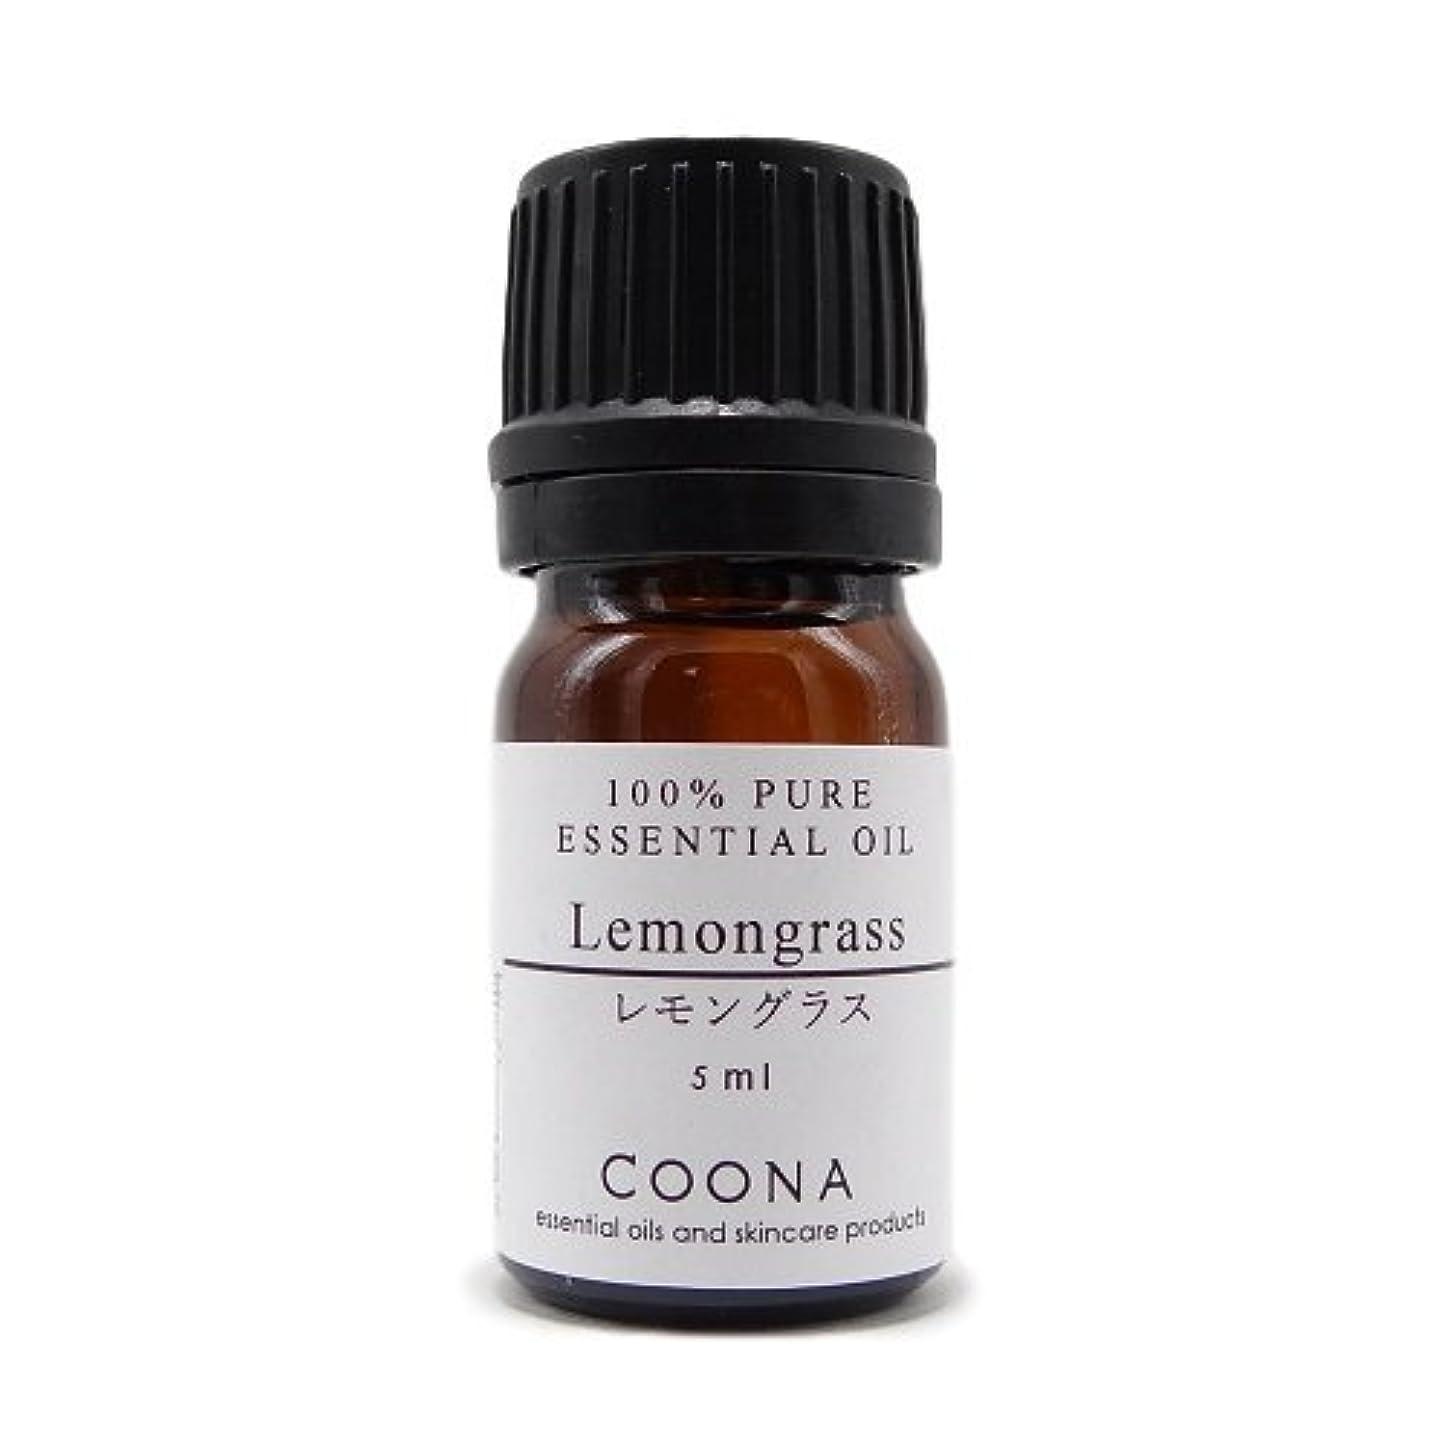 文献テナントソースレモングラス 5ml (COONA エッセンシャルオイル アロマオイル 100%天然植物精油)